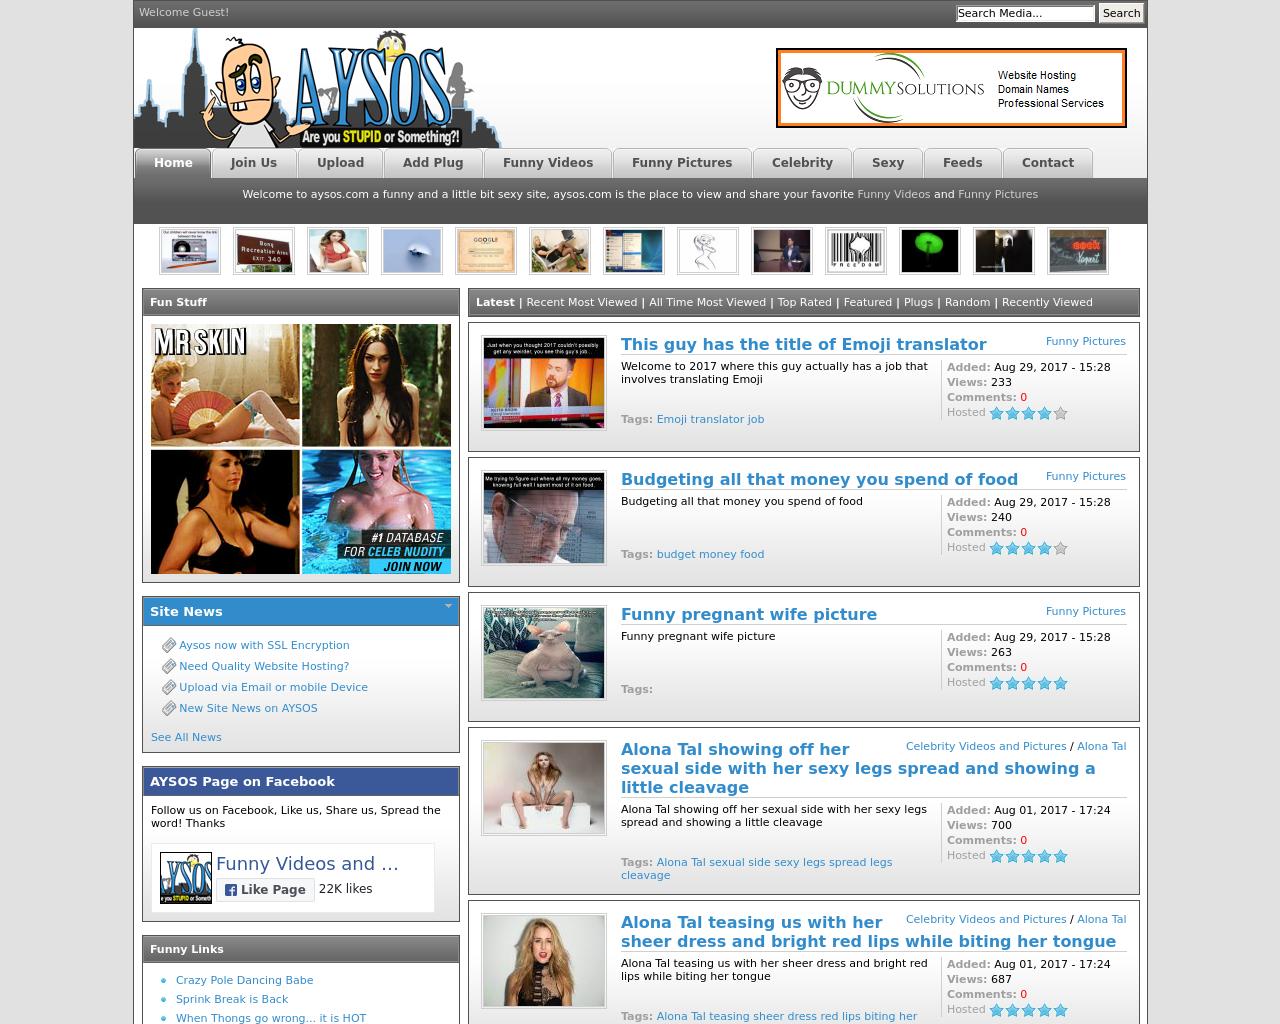 Aysos-Advertising-Reviews-Pricing